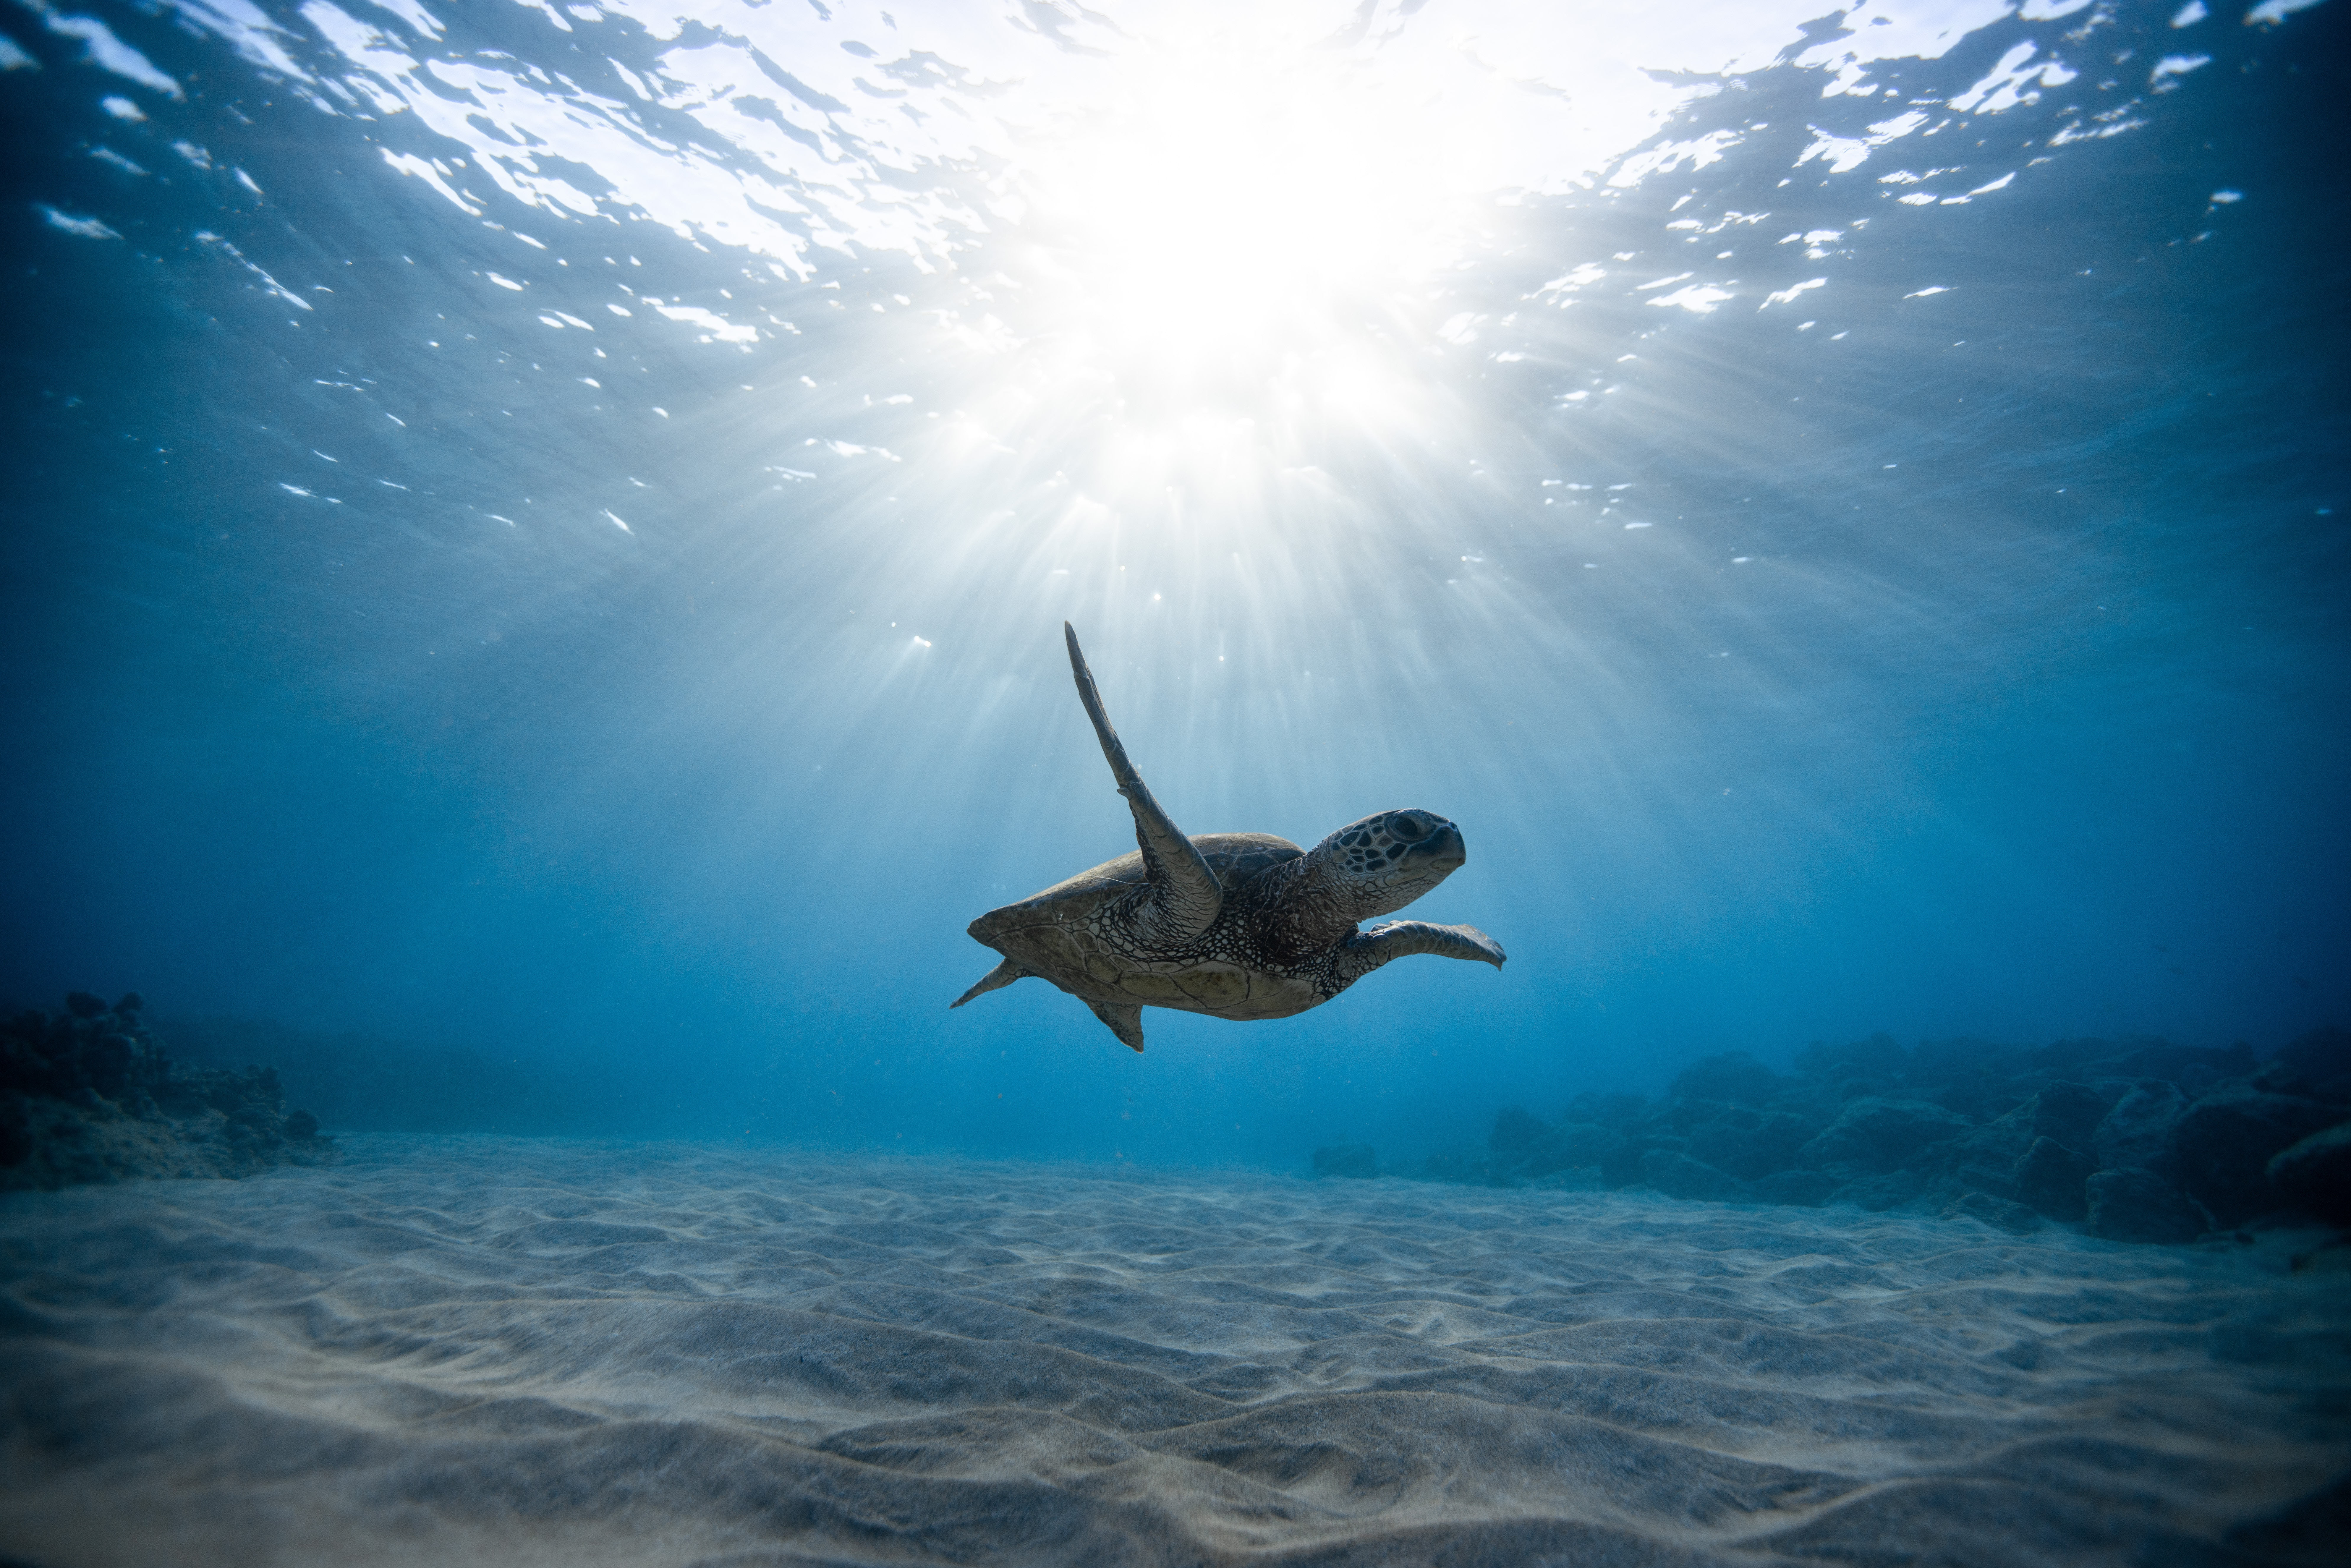 140455 Hintergrundbild herunterladen Tiere, Schwimmen, Ozean, Unterwasserwelt, Schädel, Meeresschildkröte - Bildschirmschoner und Bilder kostenlos